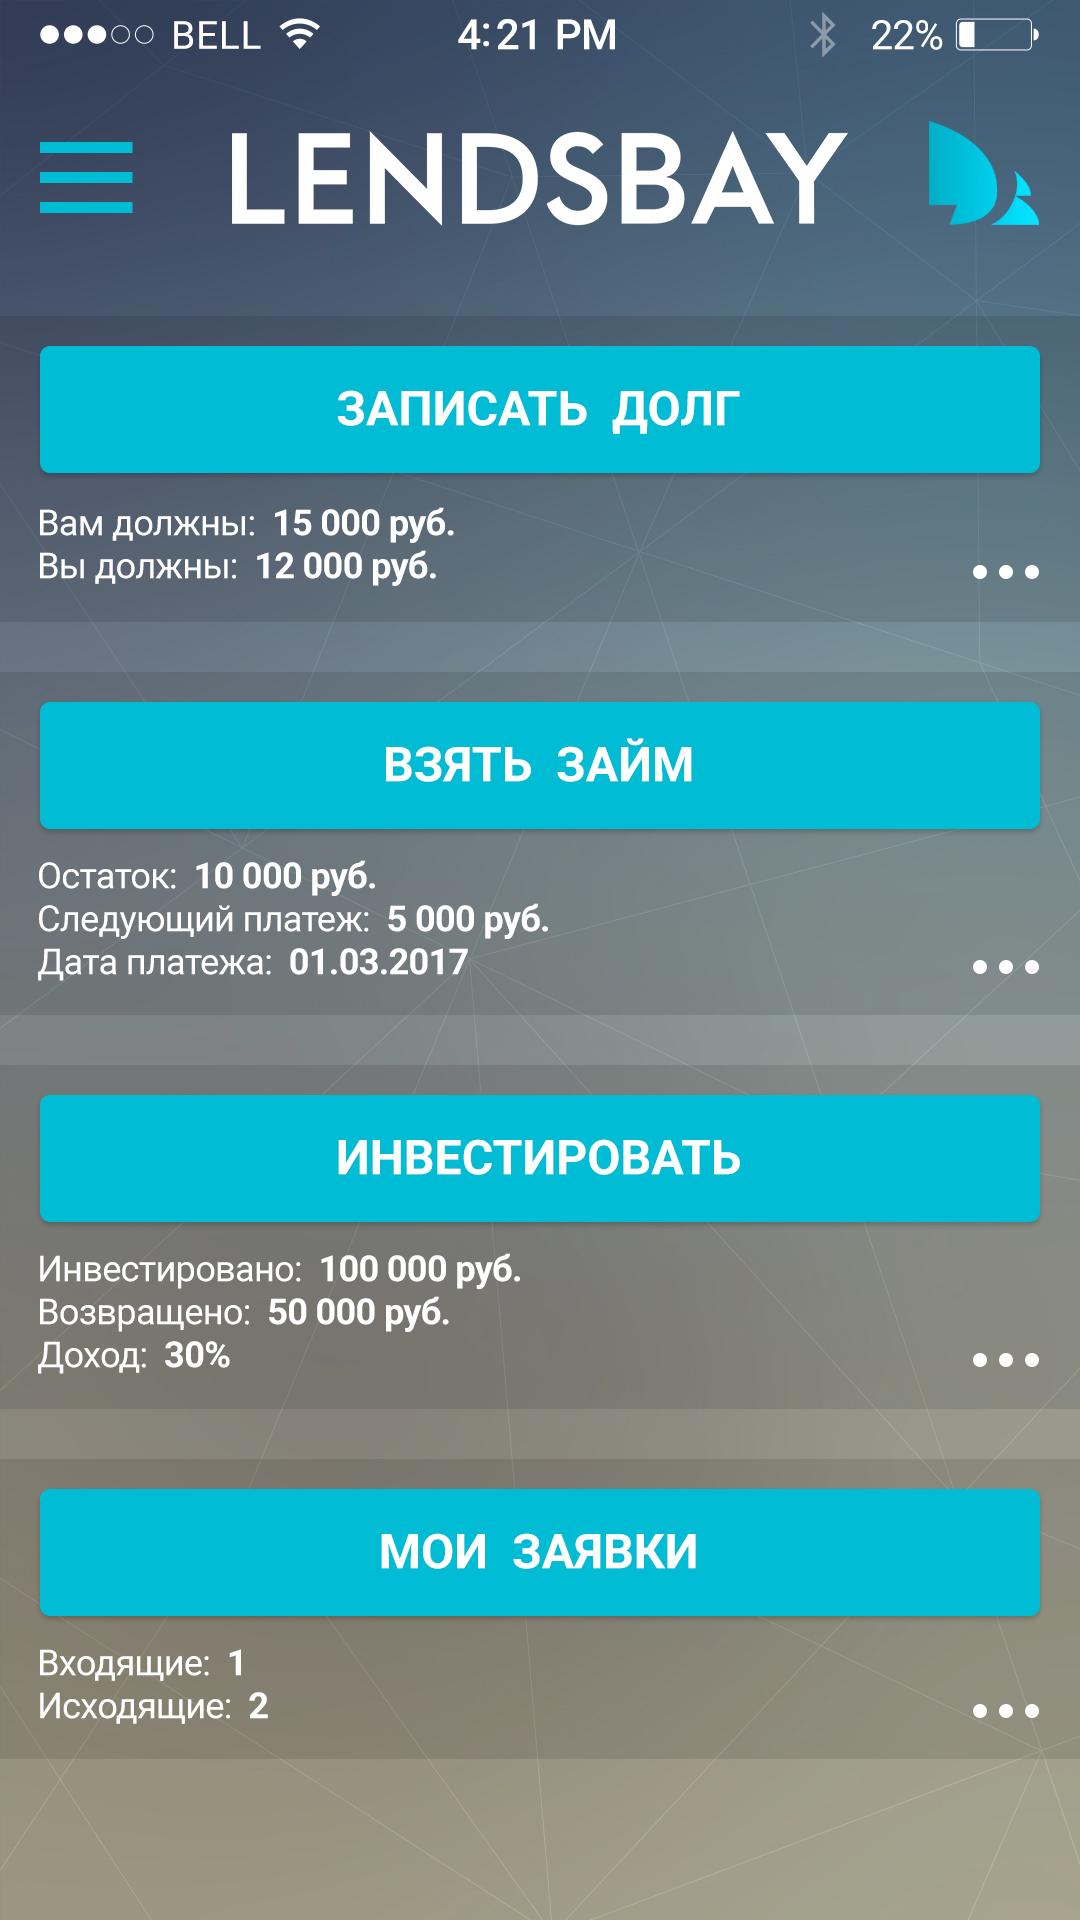 Дизайн мобильного приложения кредитной биржи (экран 1)